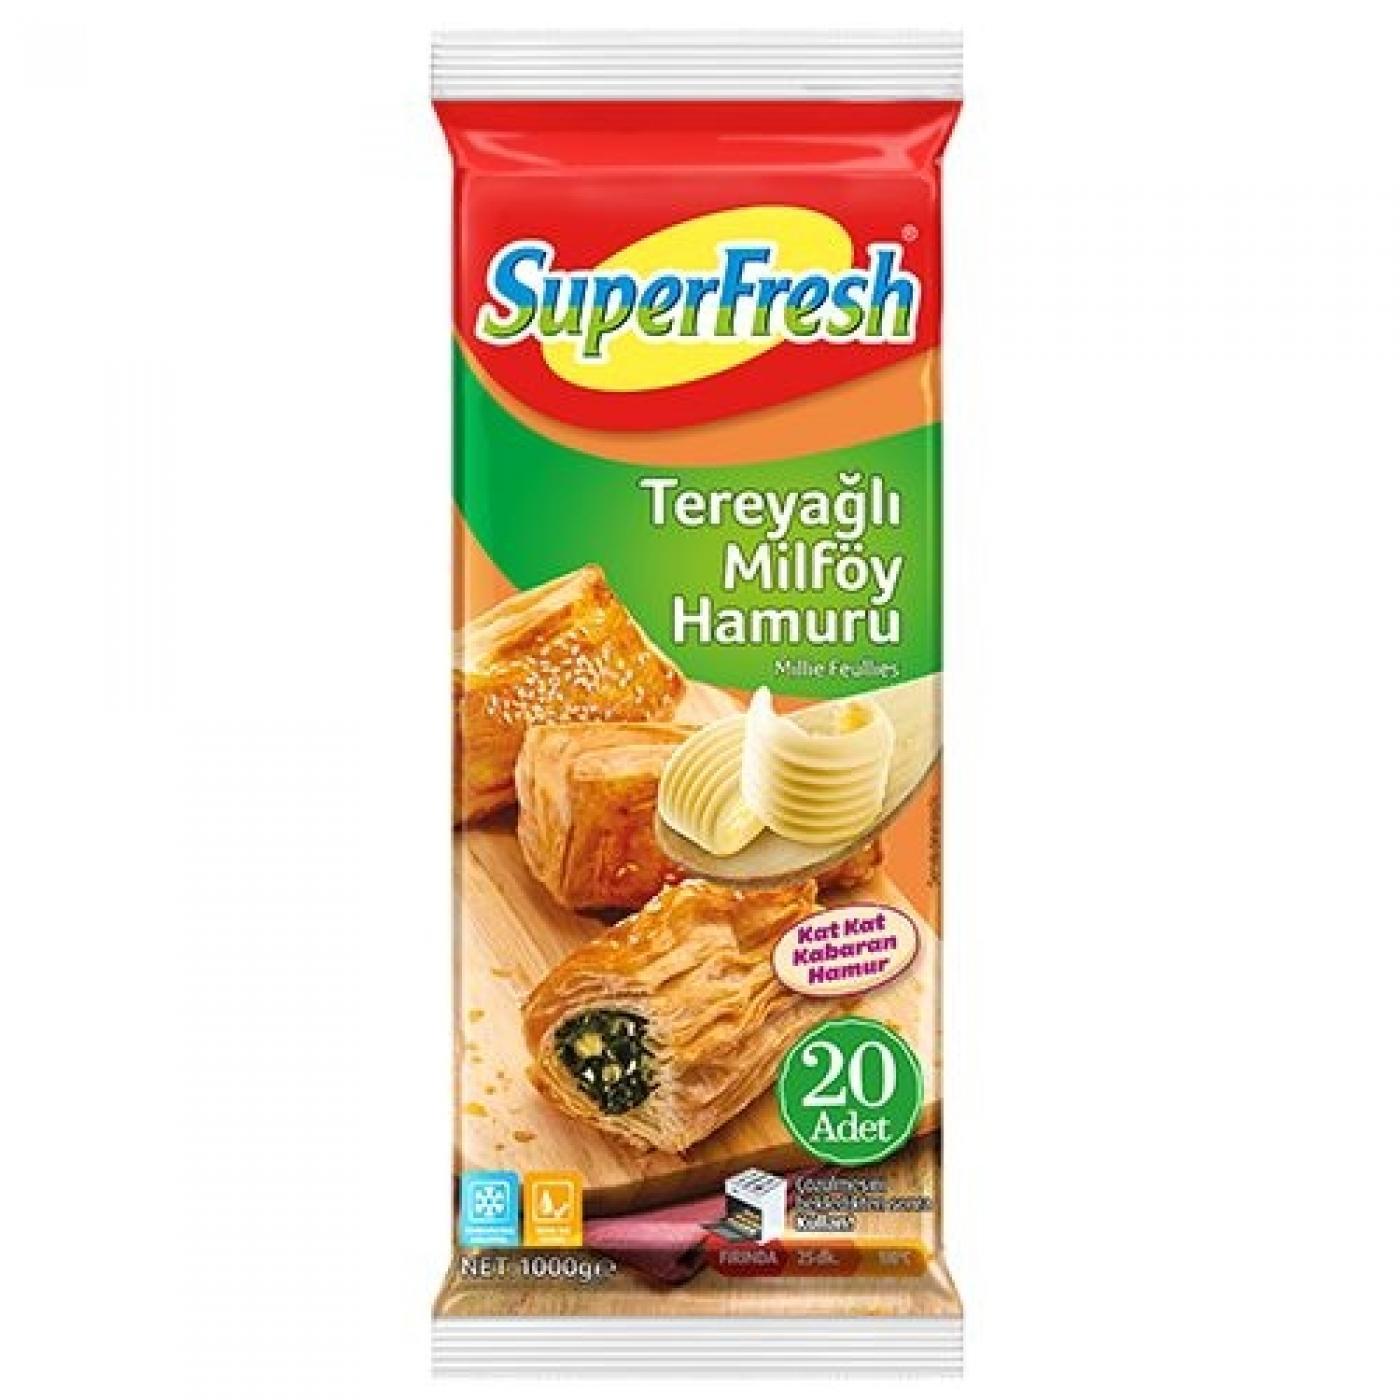 SUPERFRESH MİLFÖY(TEREYAĞLI) 1000GR